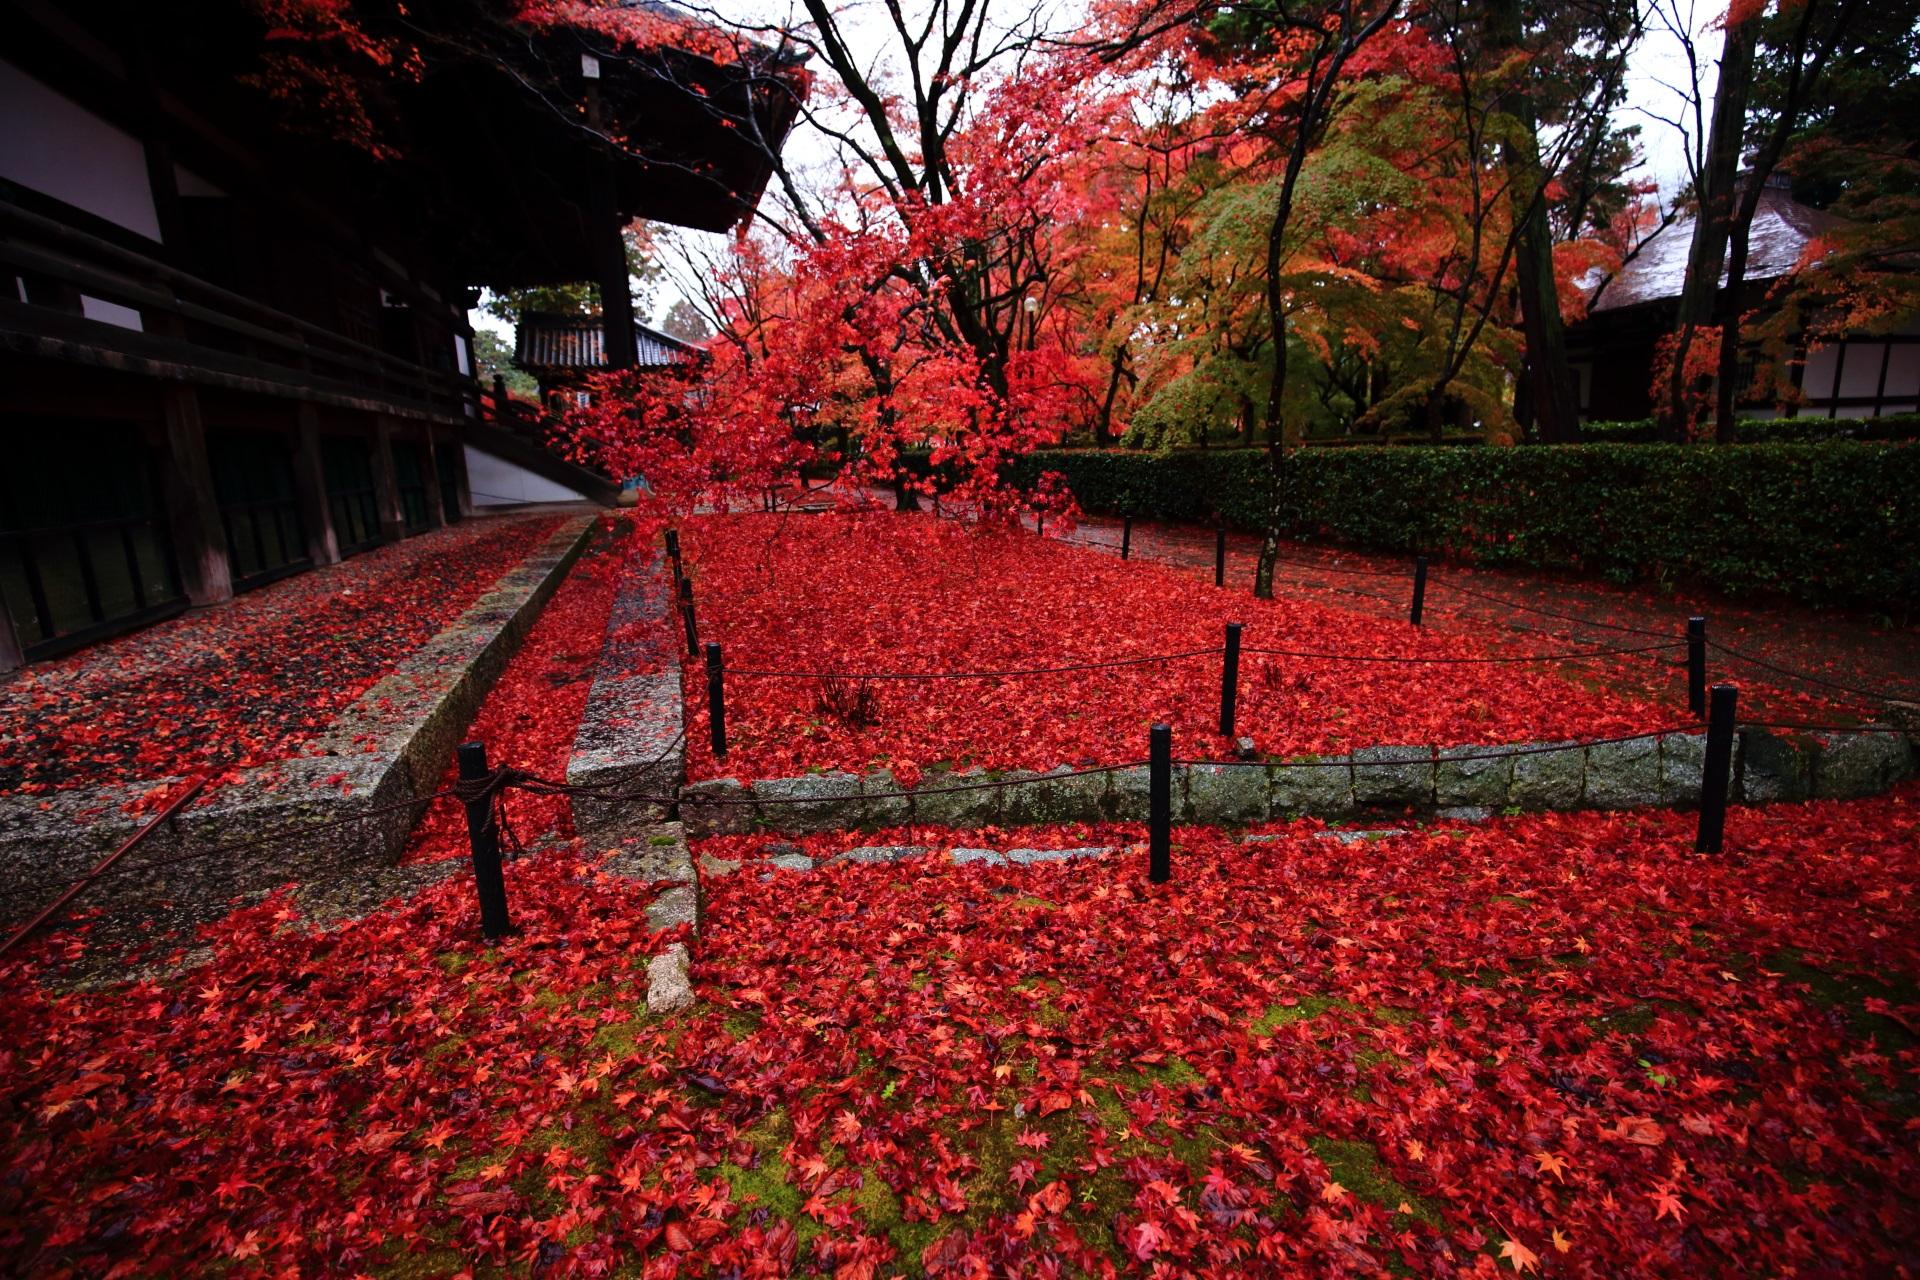 雨降る早朝の静かな境内を彩る激しい散りもみじ